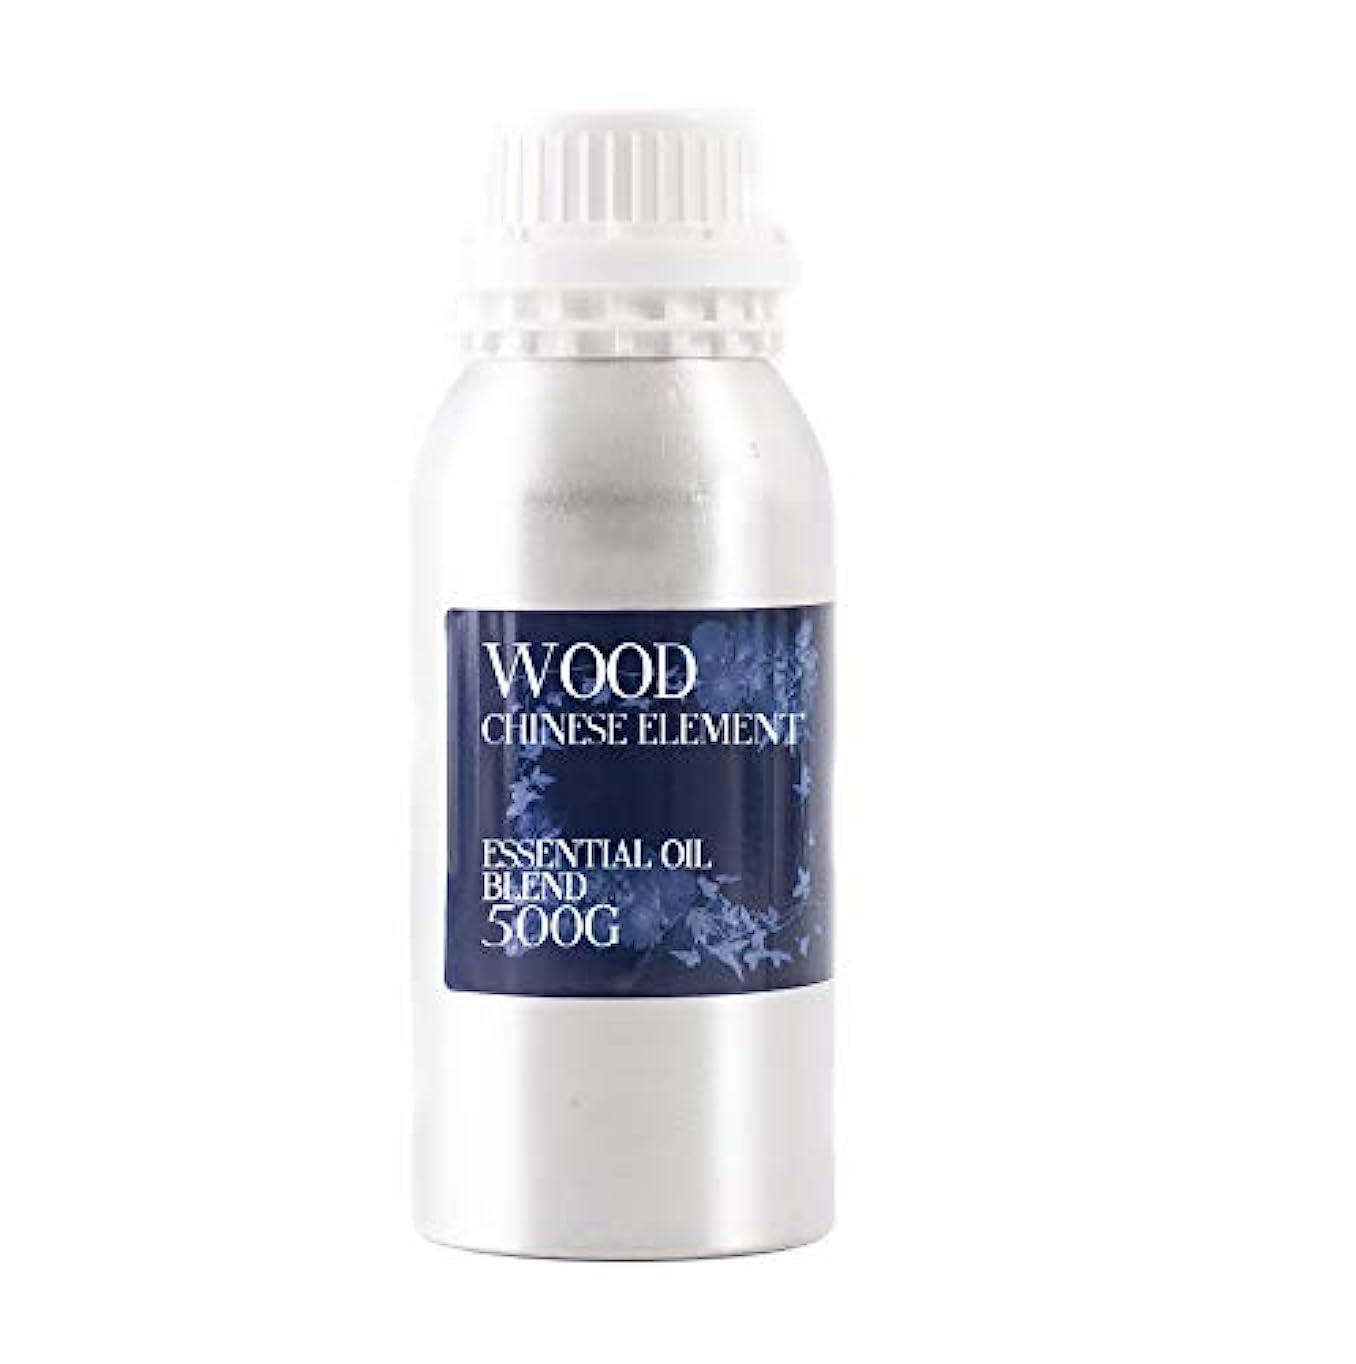 バケット極めて重要な悪化させるMystix London   Chinese Wood Element Essential Oil Blend - 500g